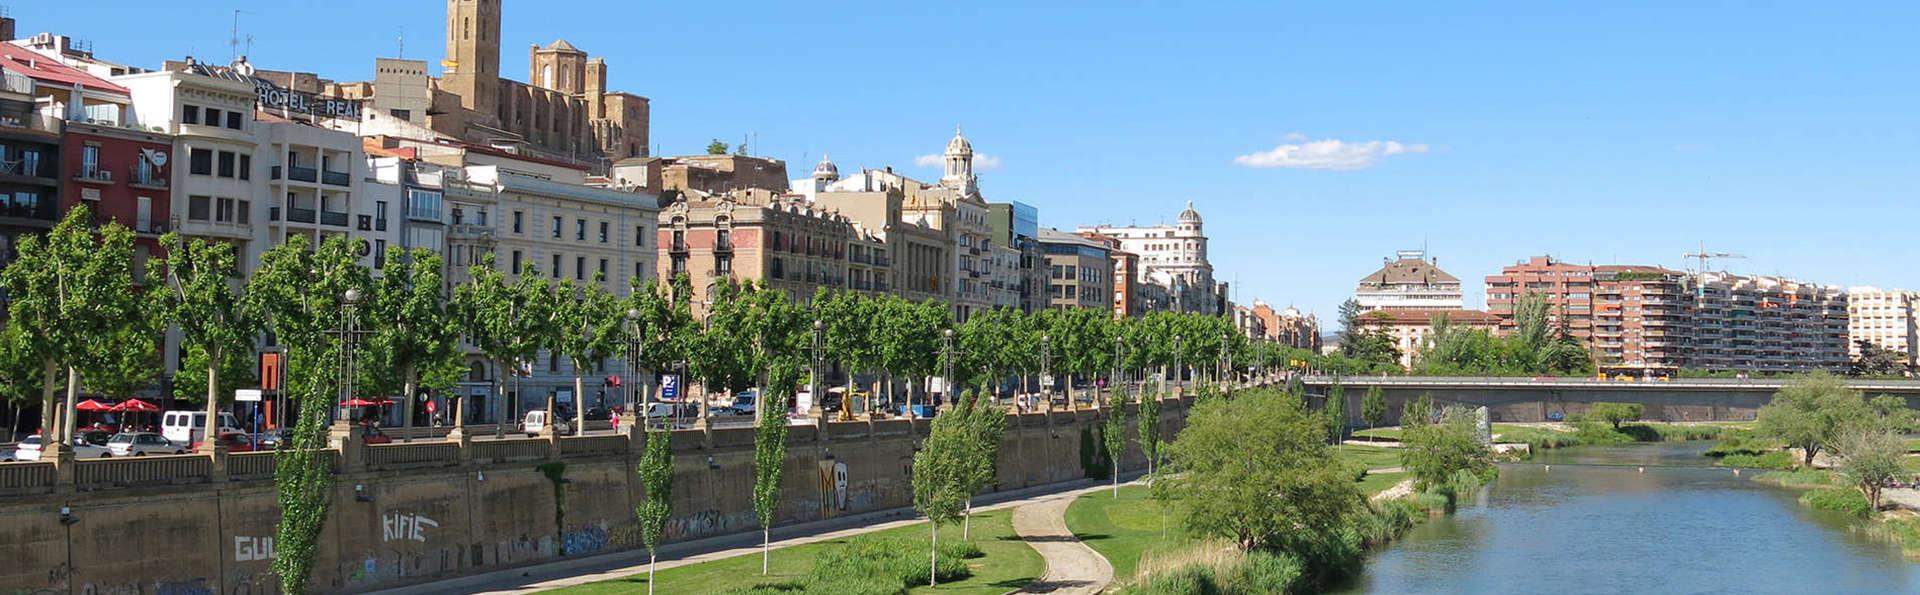 Week-end dans un hôtel rural plein de charme près de Lleida